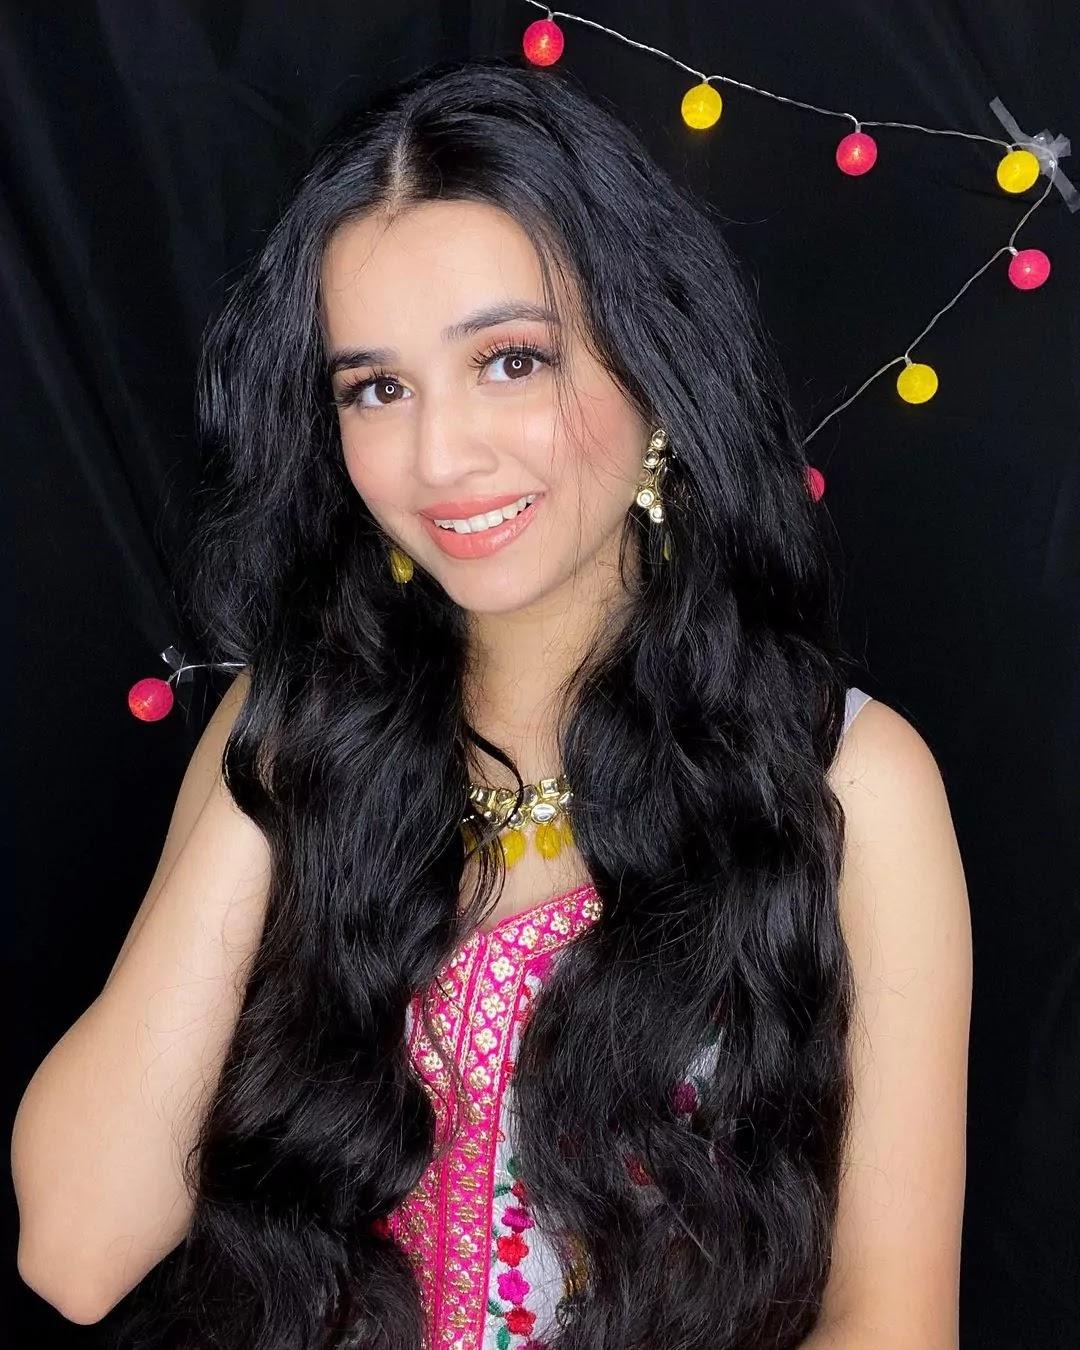 Famous tiktok girl ankita chhetri